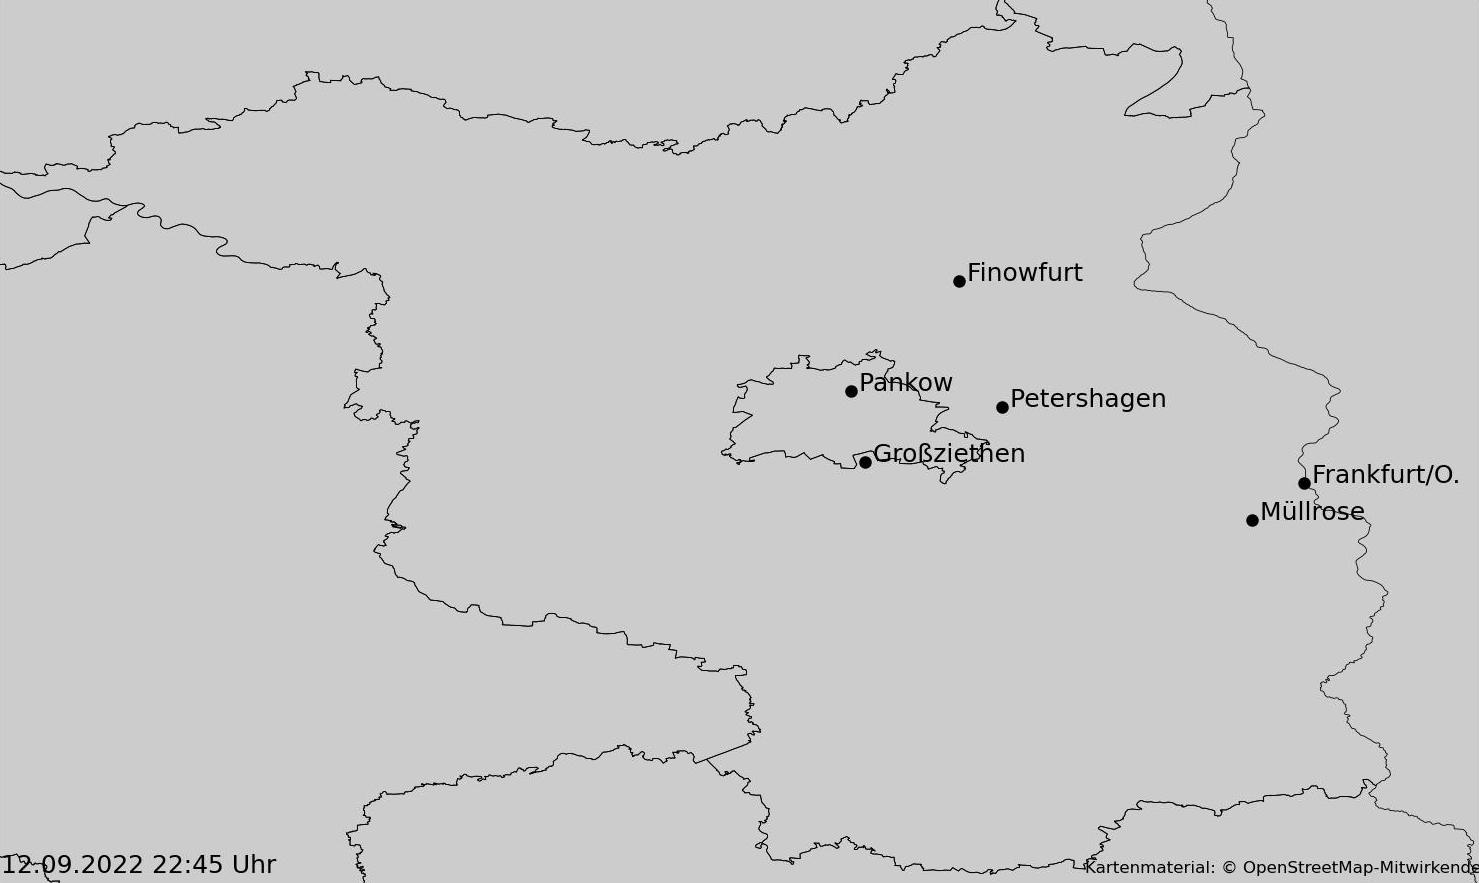 Niederschlagsvorhersage Berlin und Brandenburg